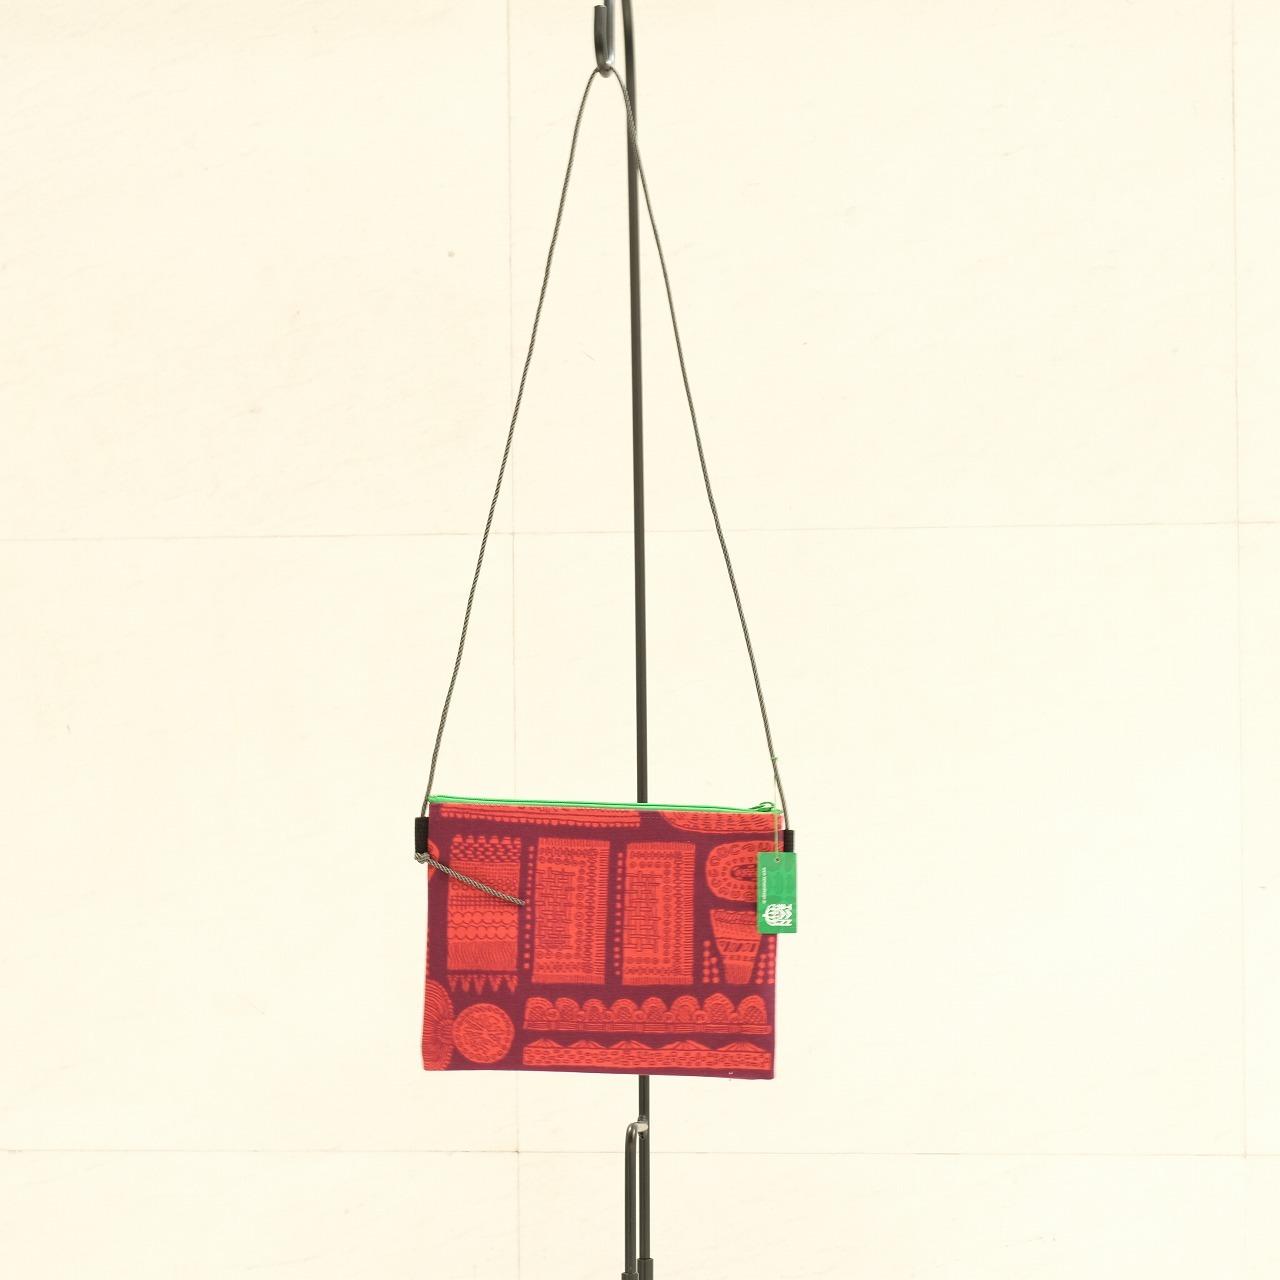 炭酸デザイン室 オンライン展示会 サコッシュ_d0182409_16585126.jpg